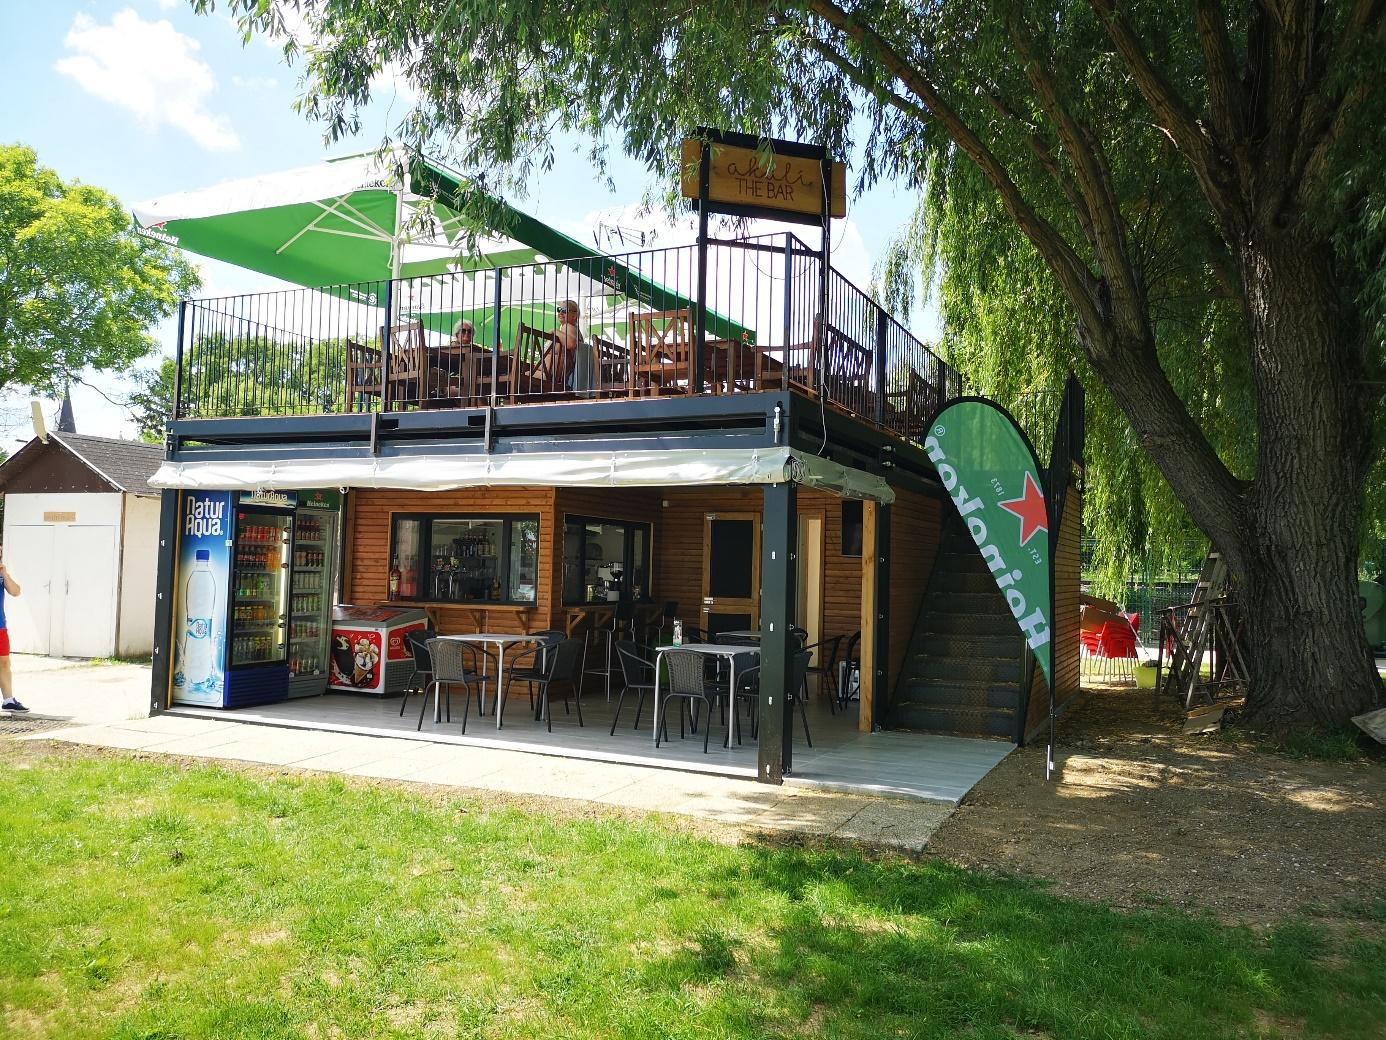 Akali The Bar